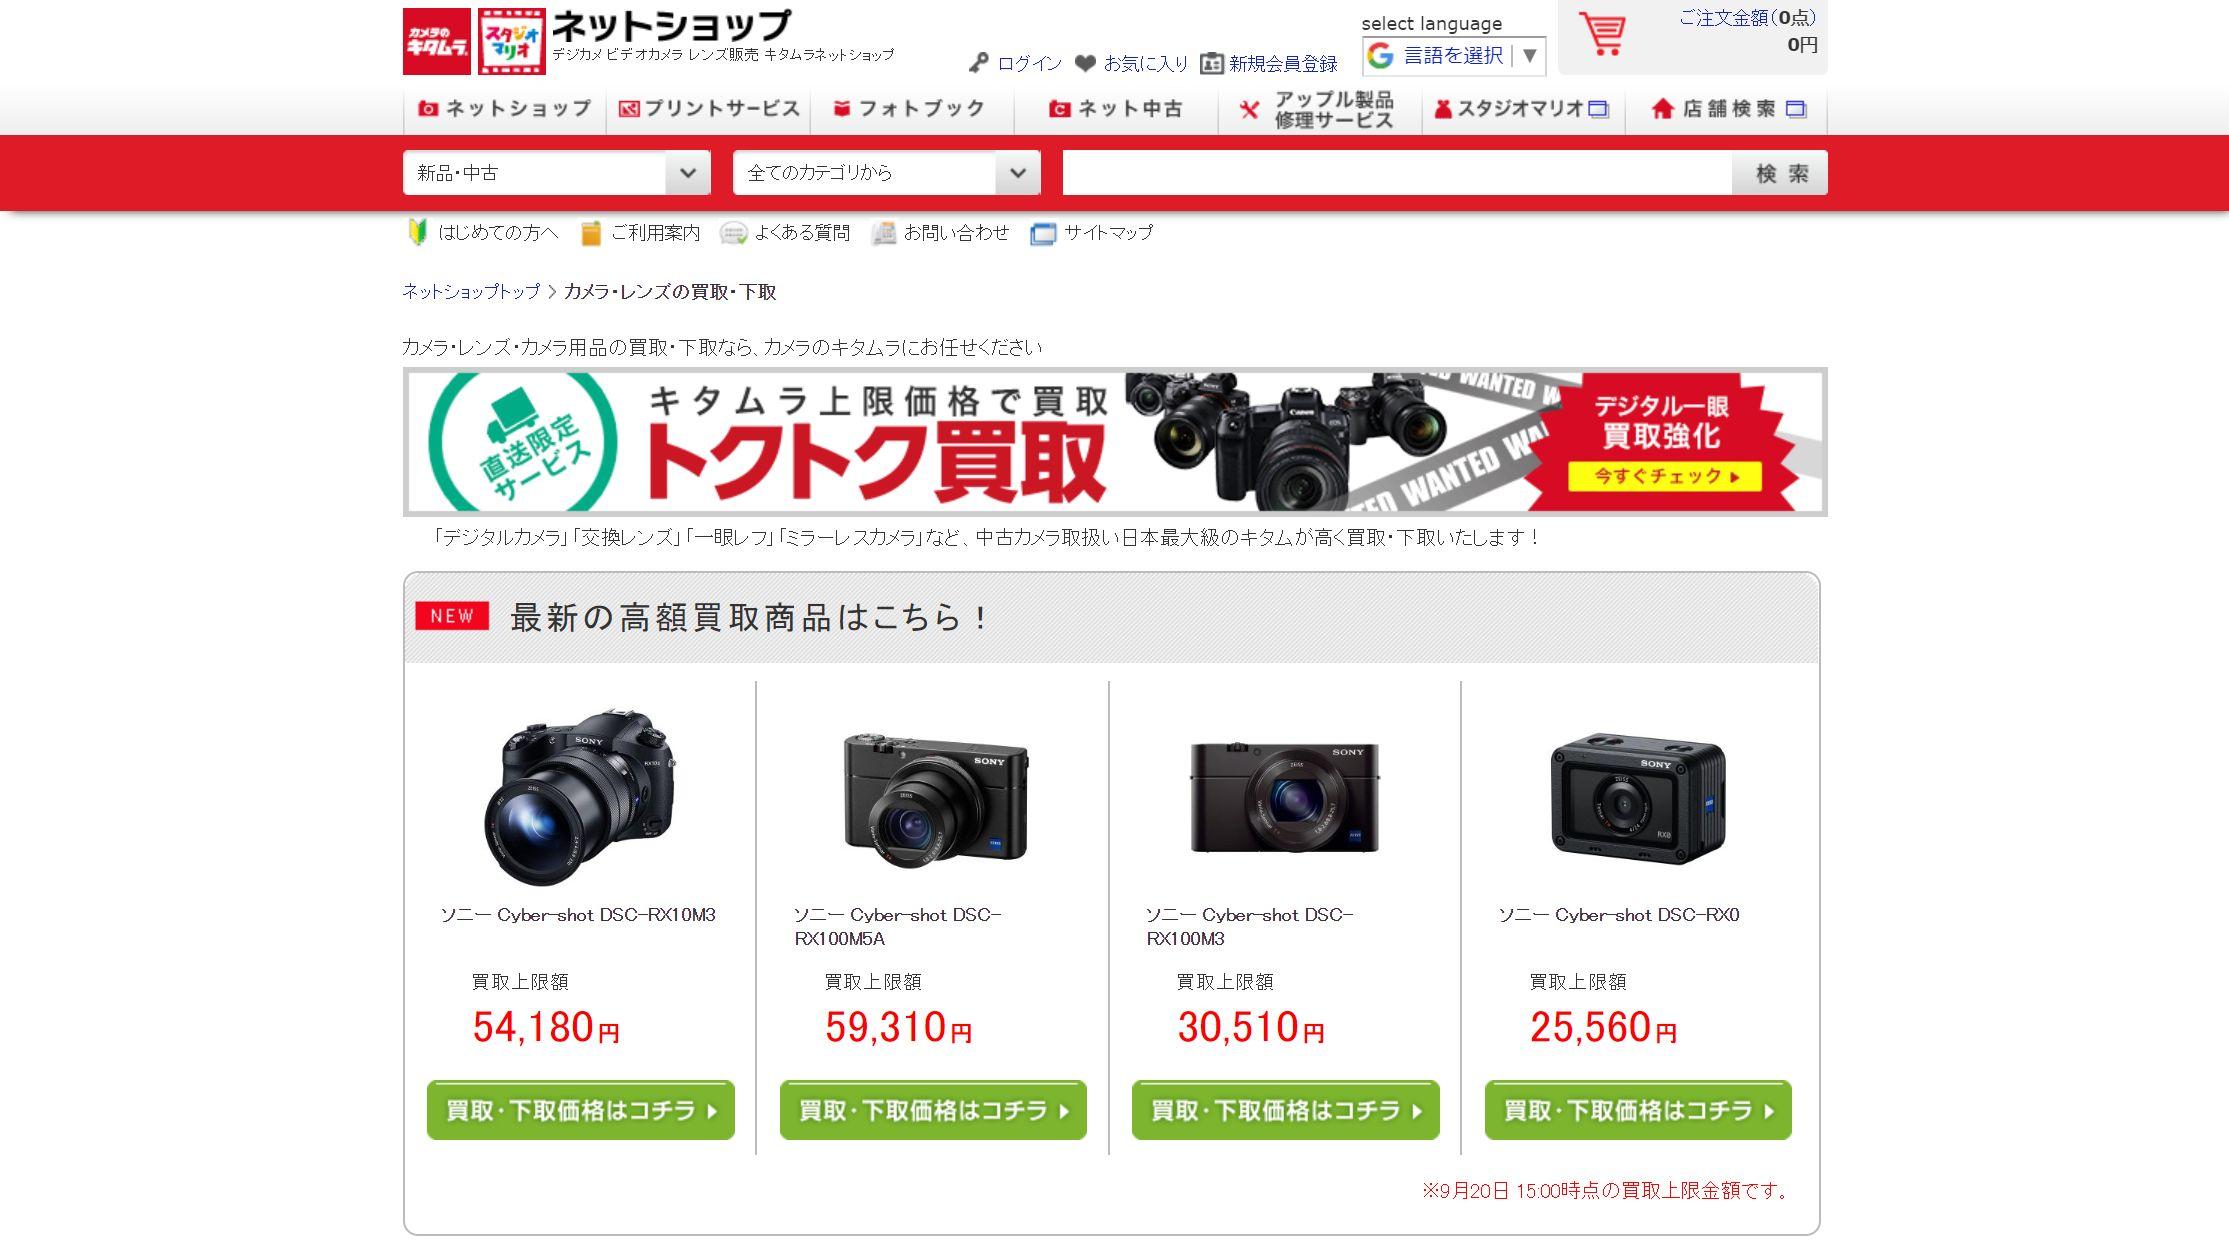 カメラのキタムラの買取サービス